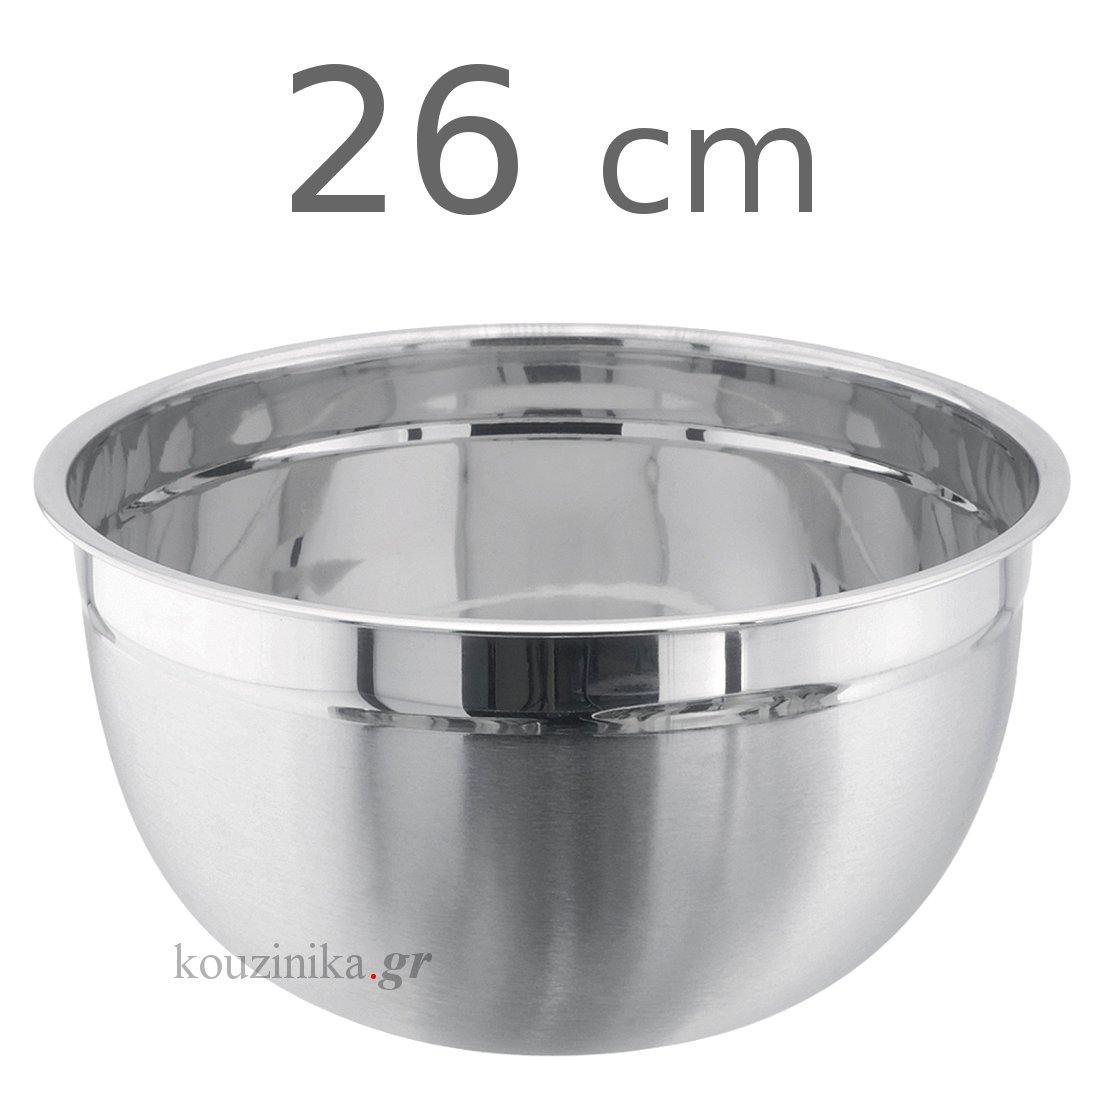 Μπωλ ανοξείδωτο βαθύ σατινέ 26 cm